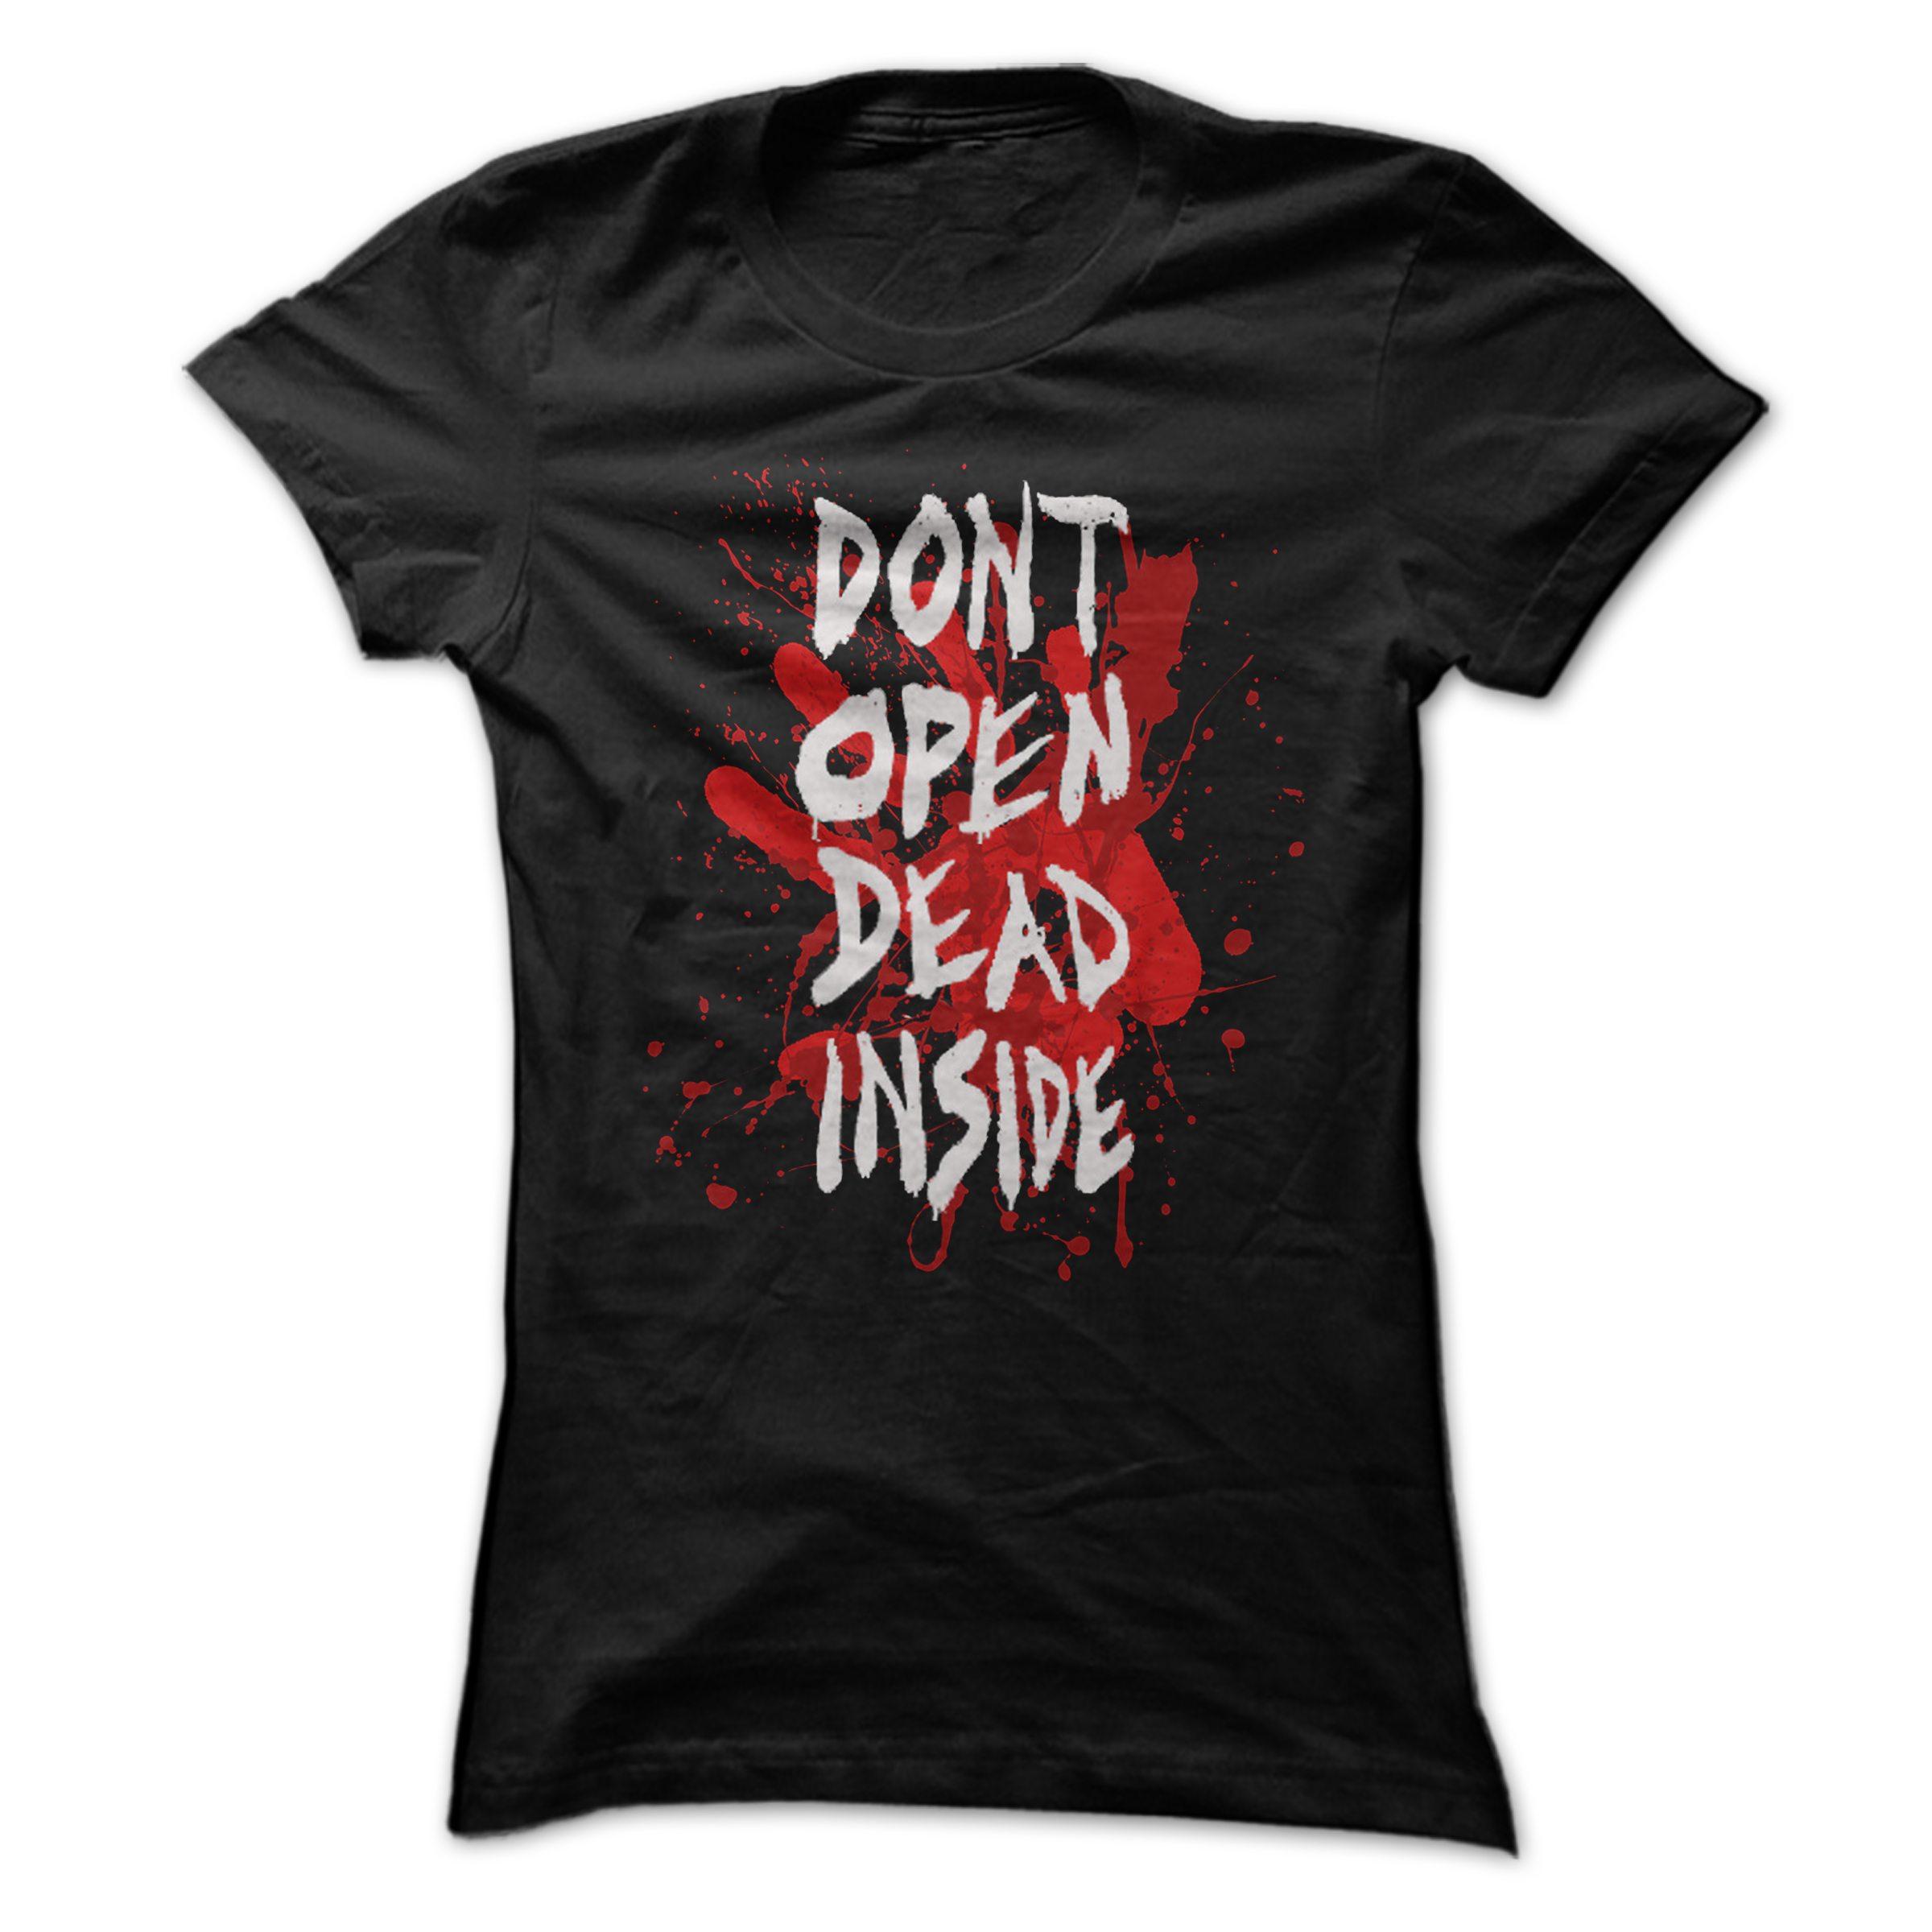 Don't Open, Dead Inside!